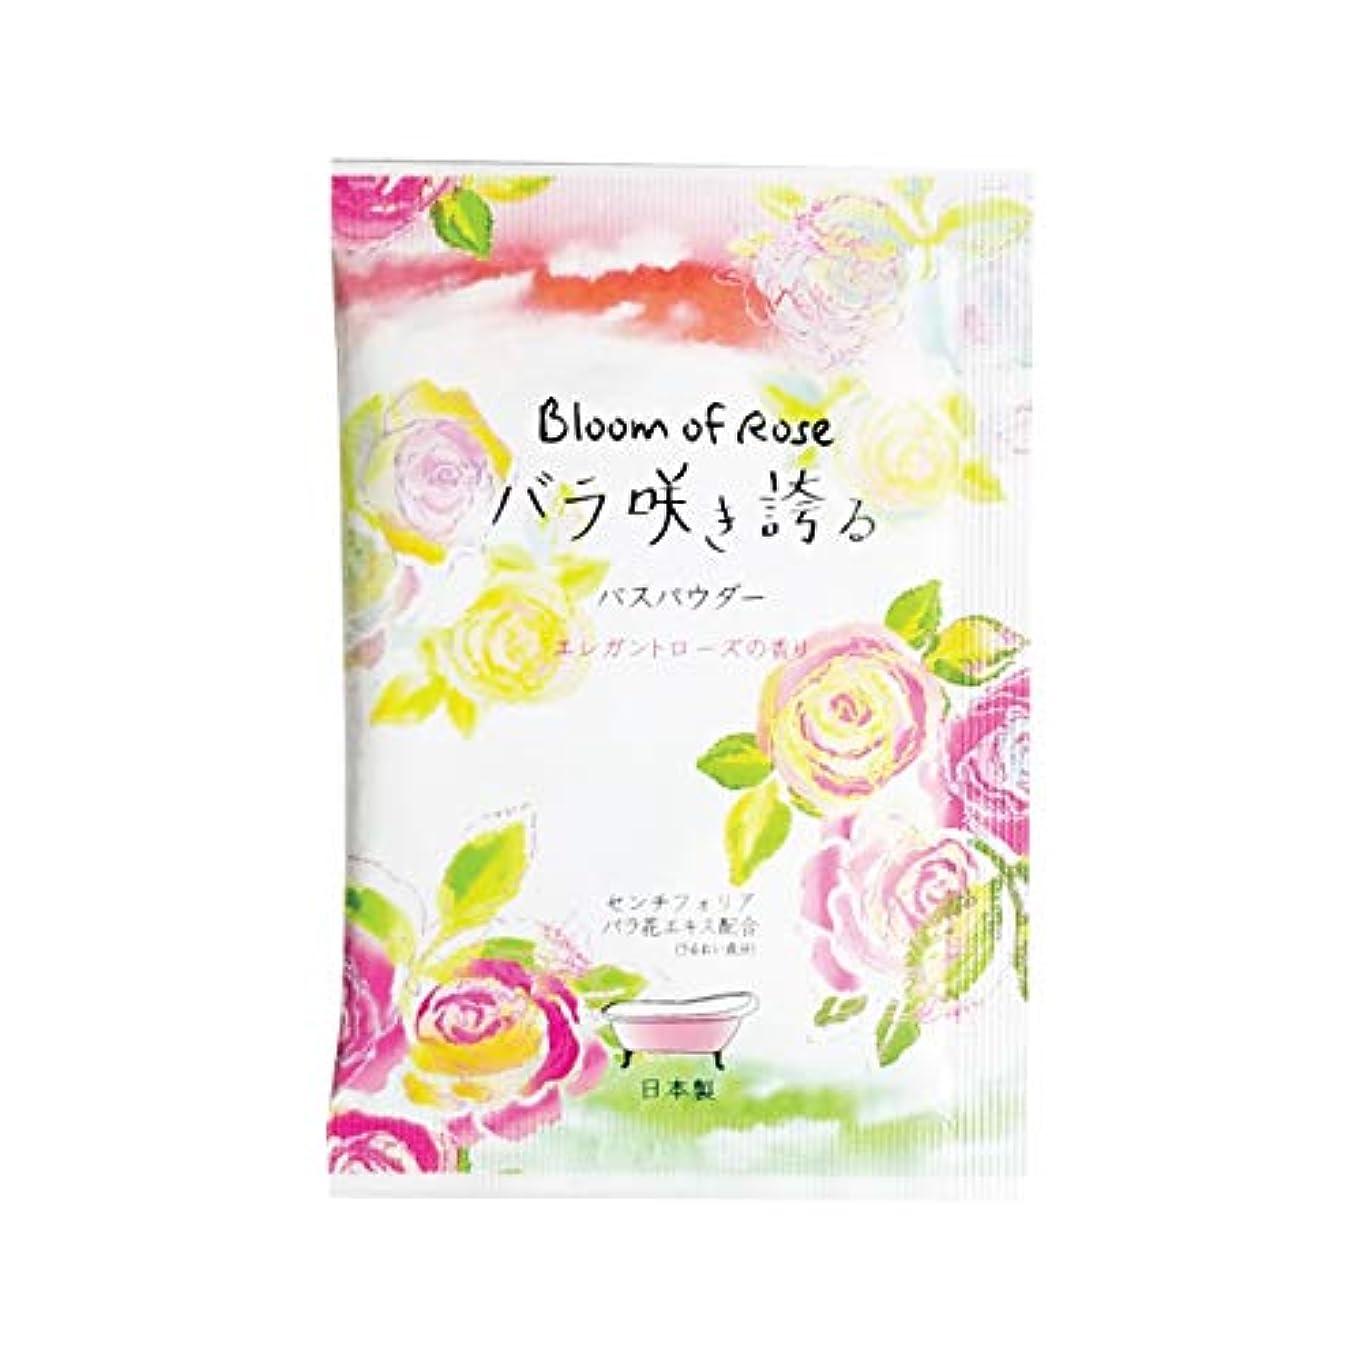 ギャロップシリンダー不安Bloom of Rose バラ咲き誇る入浴剤 40個